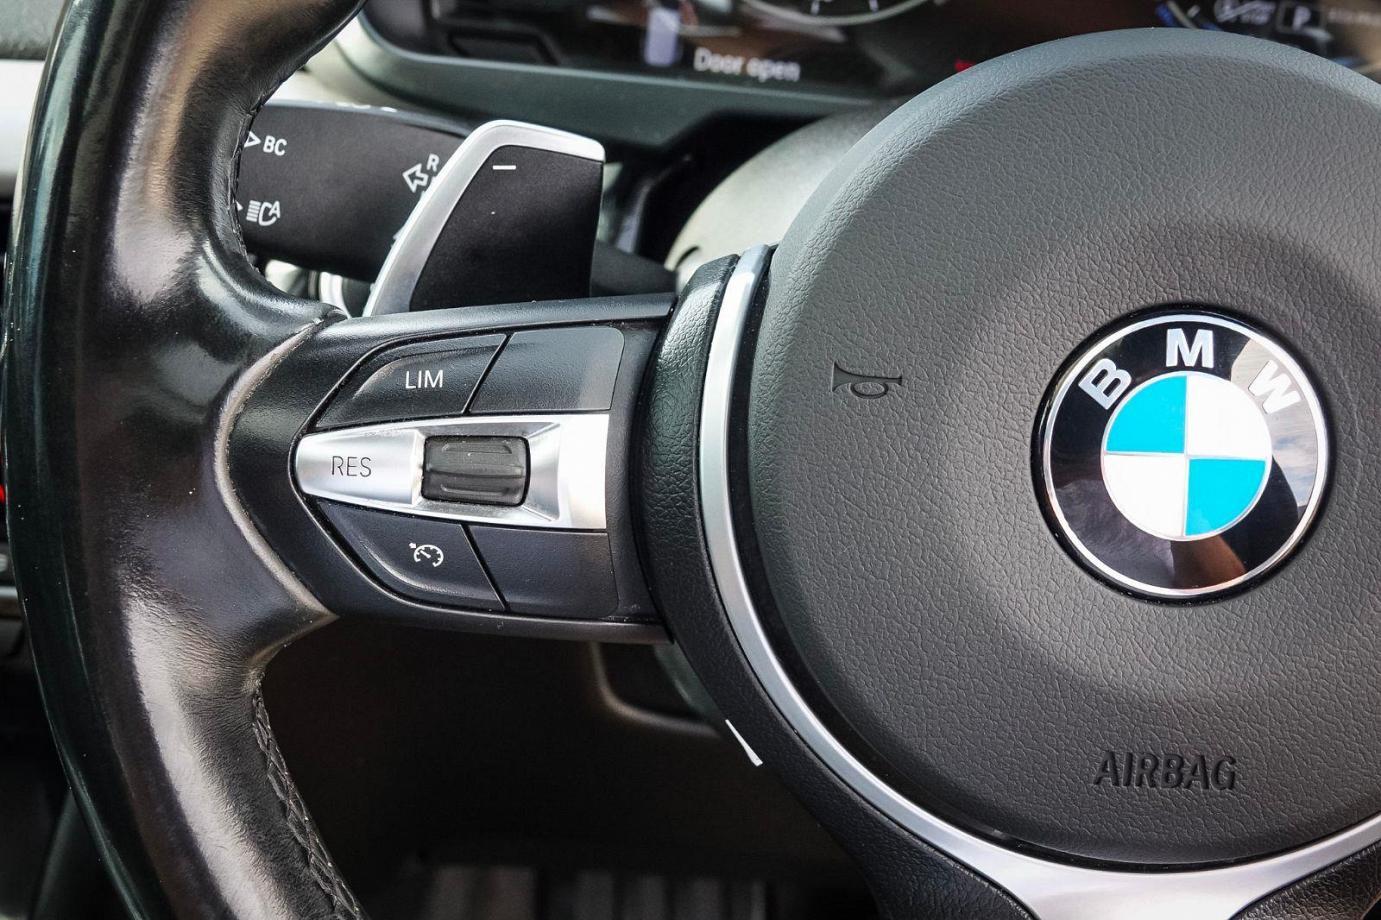 2013 BMW X5 F15 xDrive30d Wagon 5dr Auto 8sp 4x4 3.0DT